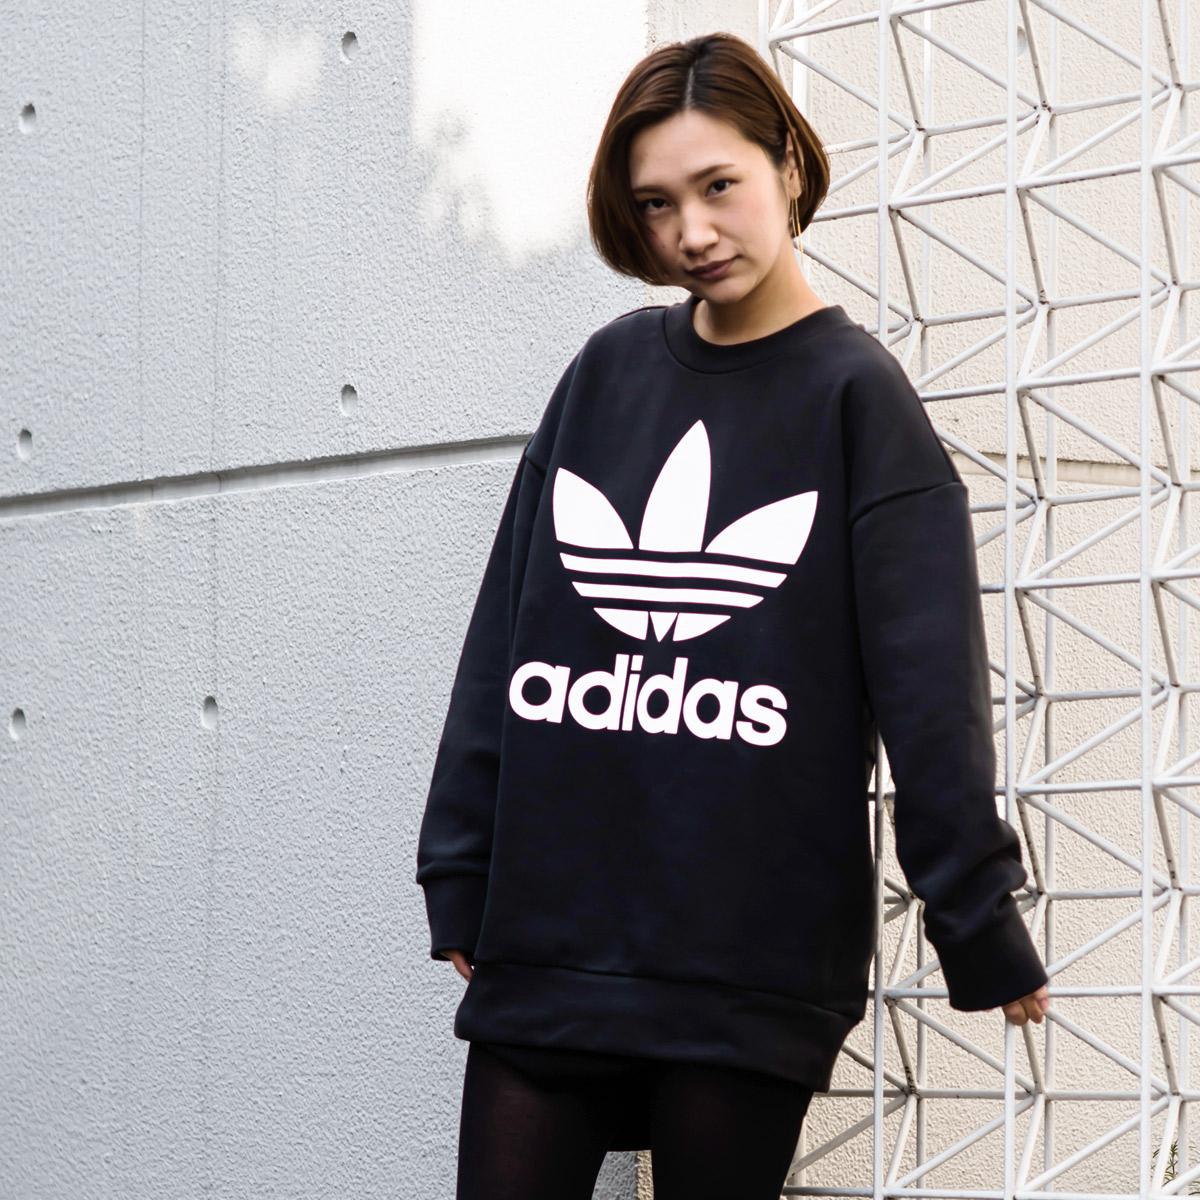 adidas Originals TREFOIL OVERSIZED CREW (アディダス オリジナルス トレフォイル オーバーサイズクルー) Black【メンズ スウェット】18SS-I